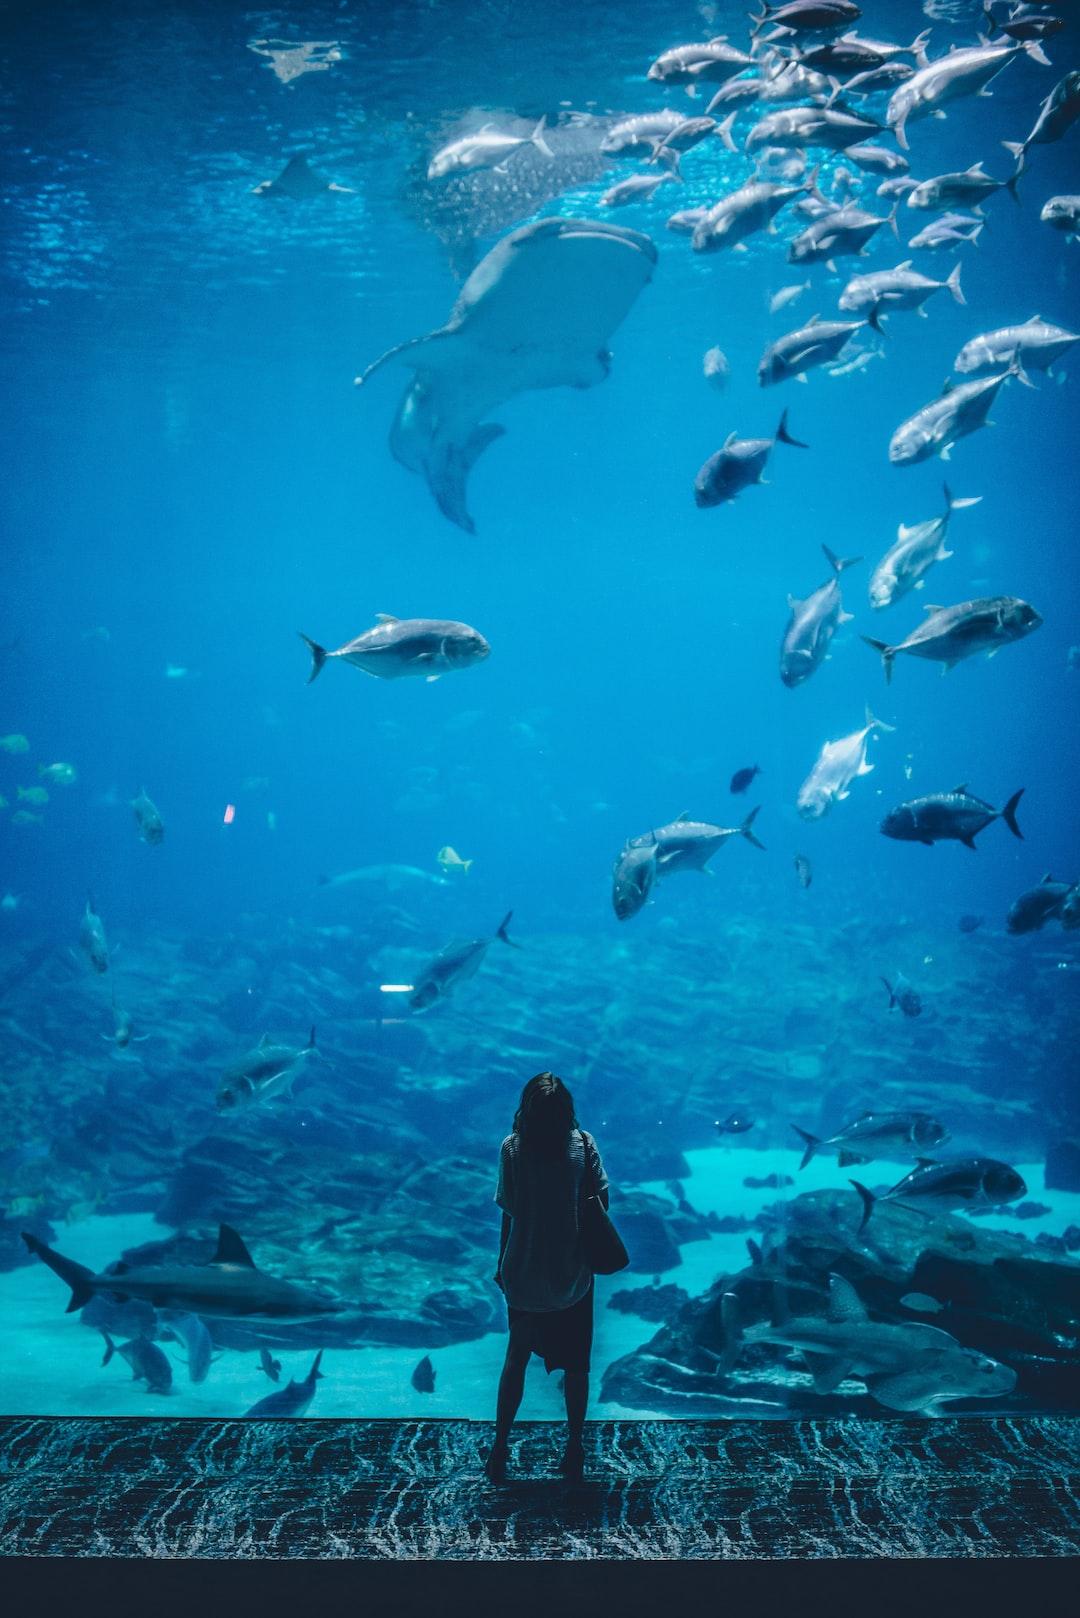 Visiting aquarium